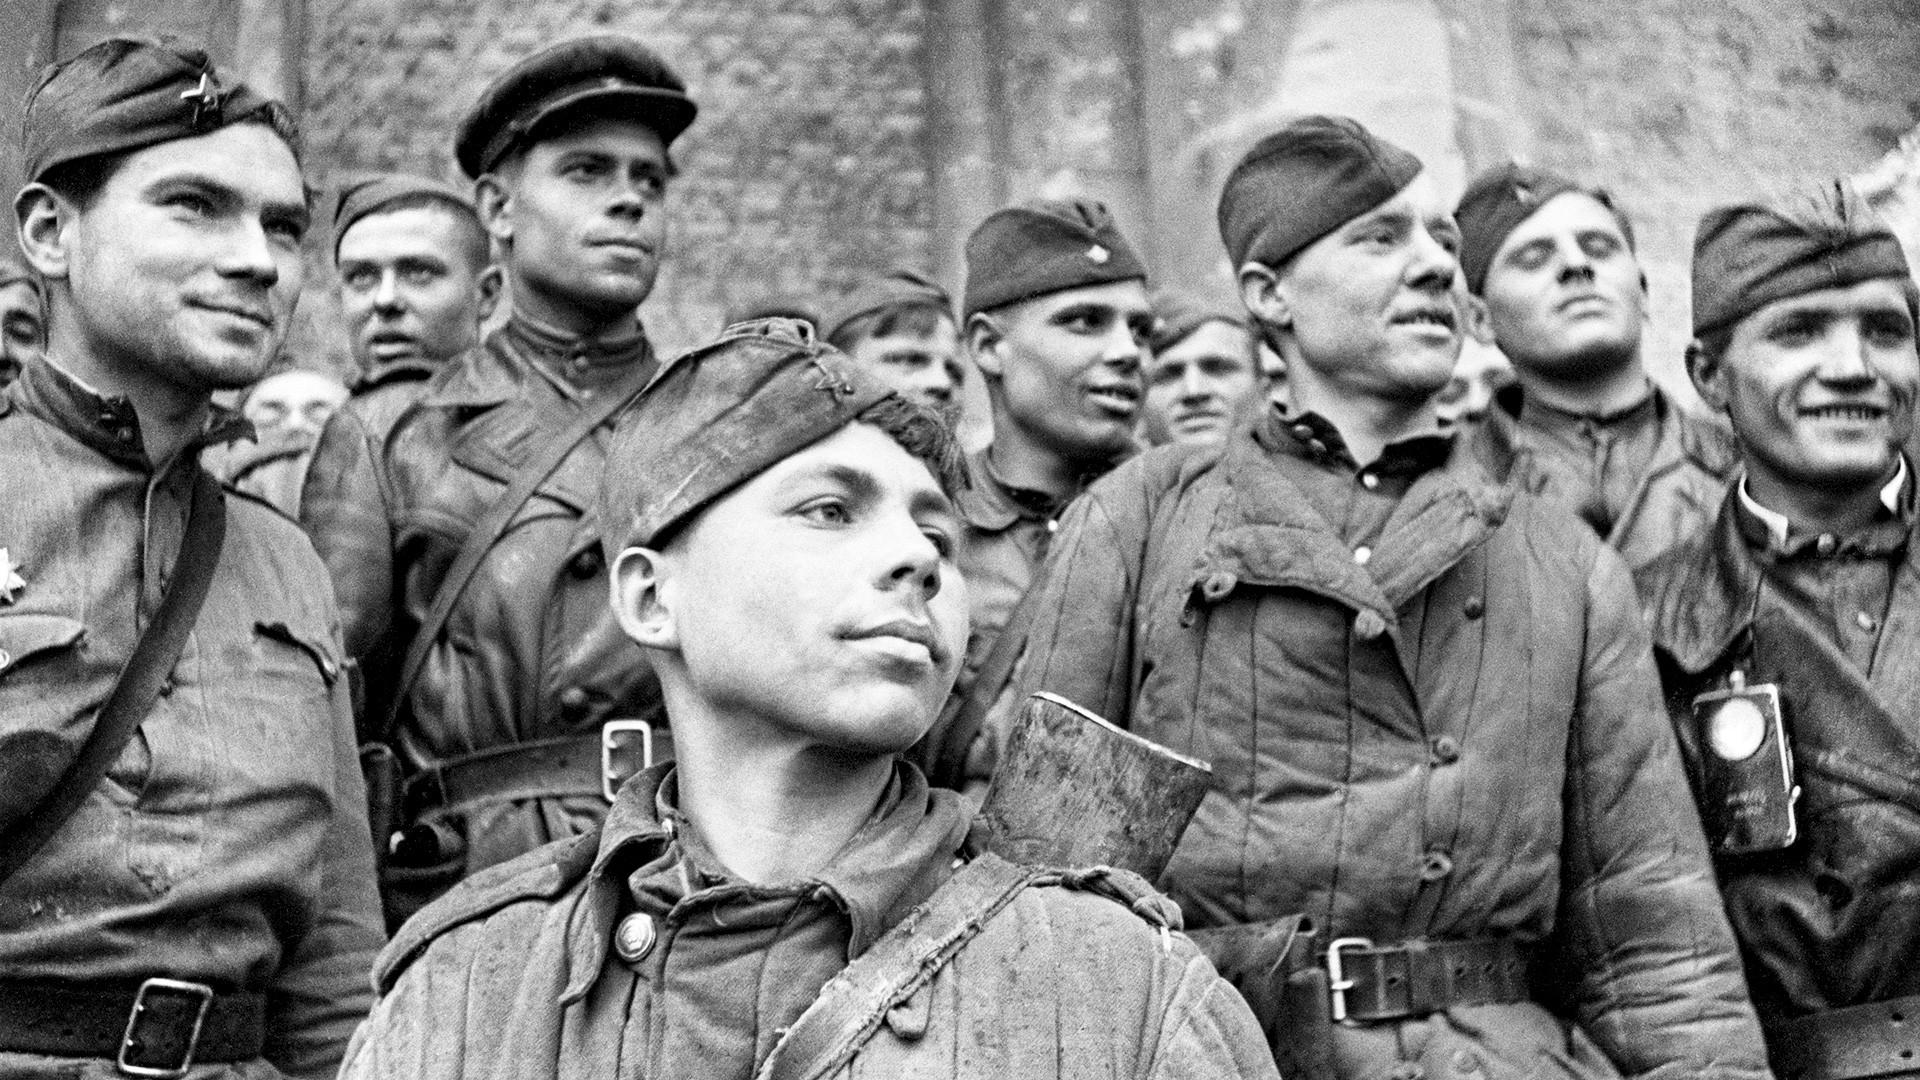 Борци који су напали Рајхстаг. Извиђачки вод 674. стрељачког пука 150. стрељачке Идрицке дивизије. У првом плану редов Григориј Булатов.